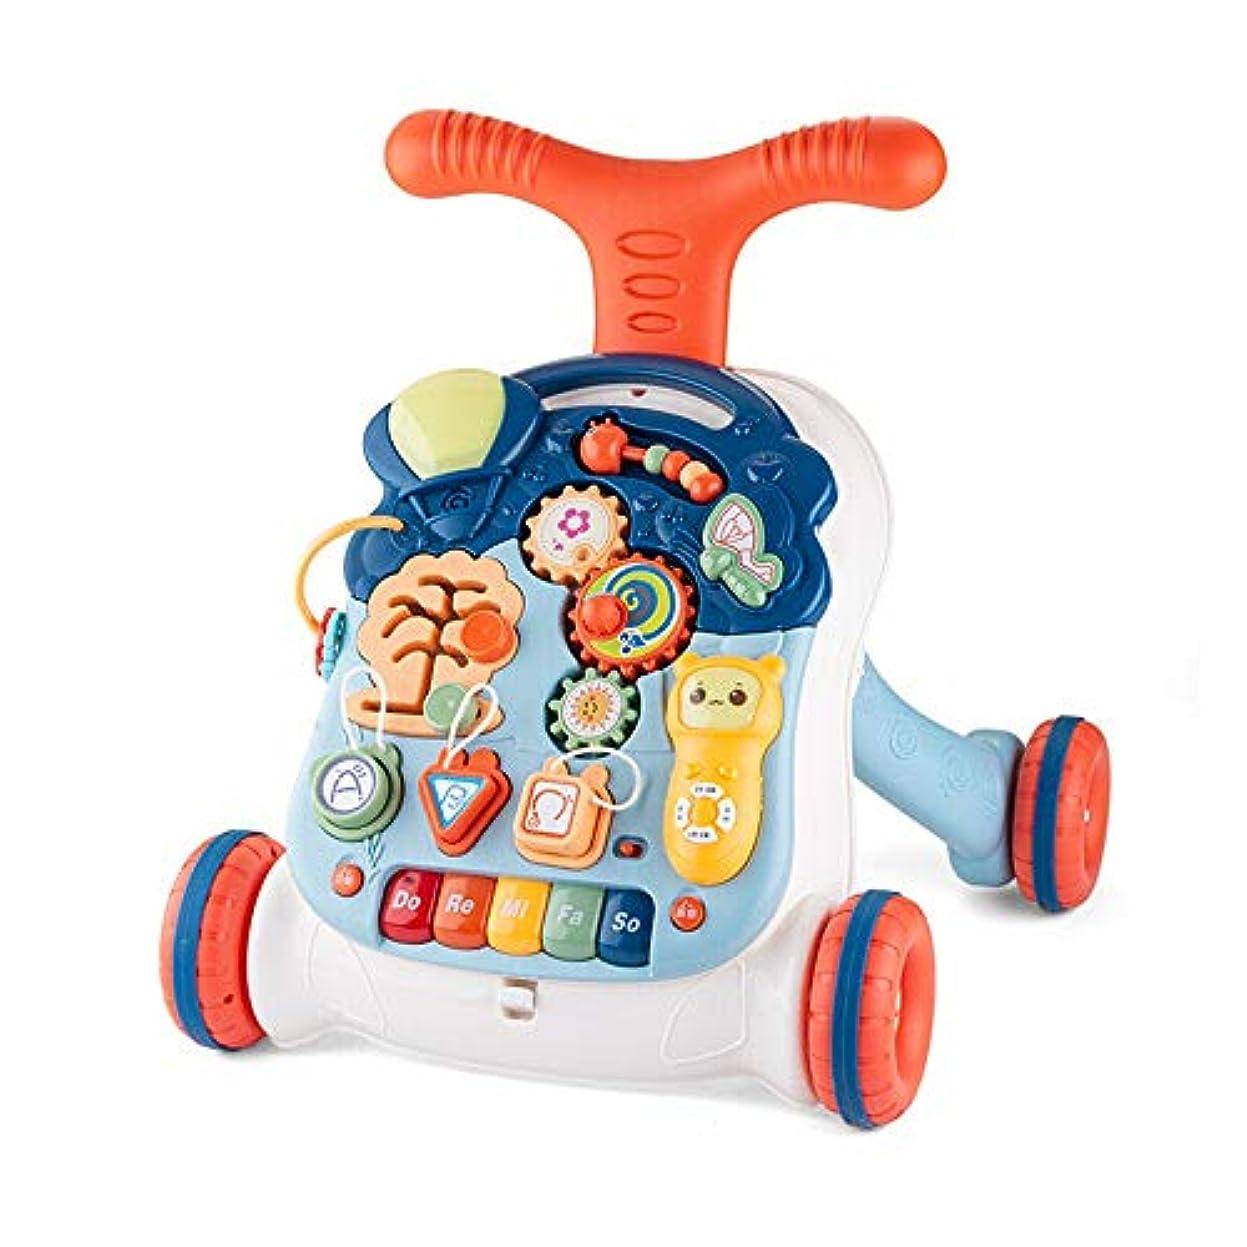 湿ったマットモチーフ手押し車 音楽ベビーウォーカー早期教育は6-30ヶ月の教育玩具のためのゲームテーブル学習ステップヘルパーロールオーバー防止を押してください 赤ちゃん 教育玩具 (色 : マルチカラー, サイズ : 41X36X44CM)